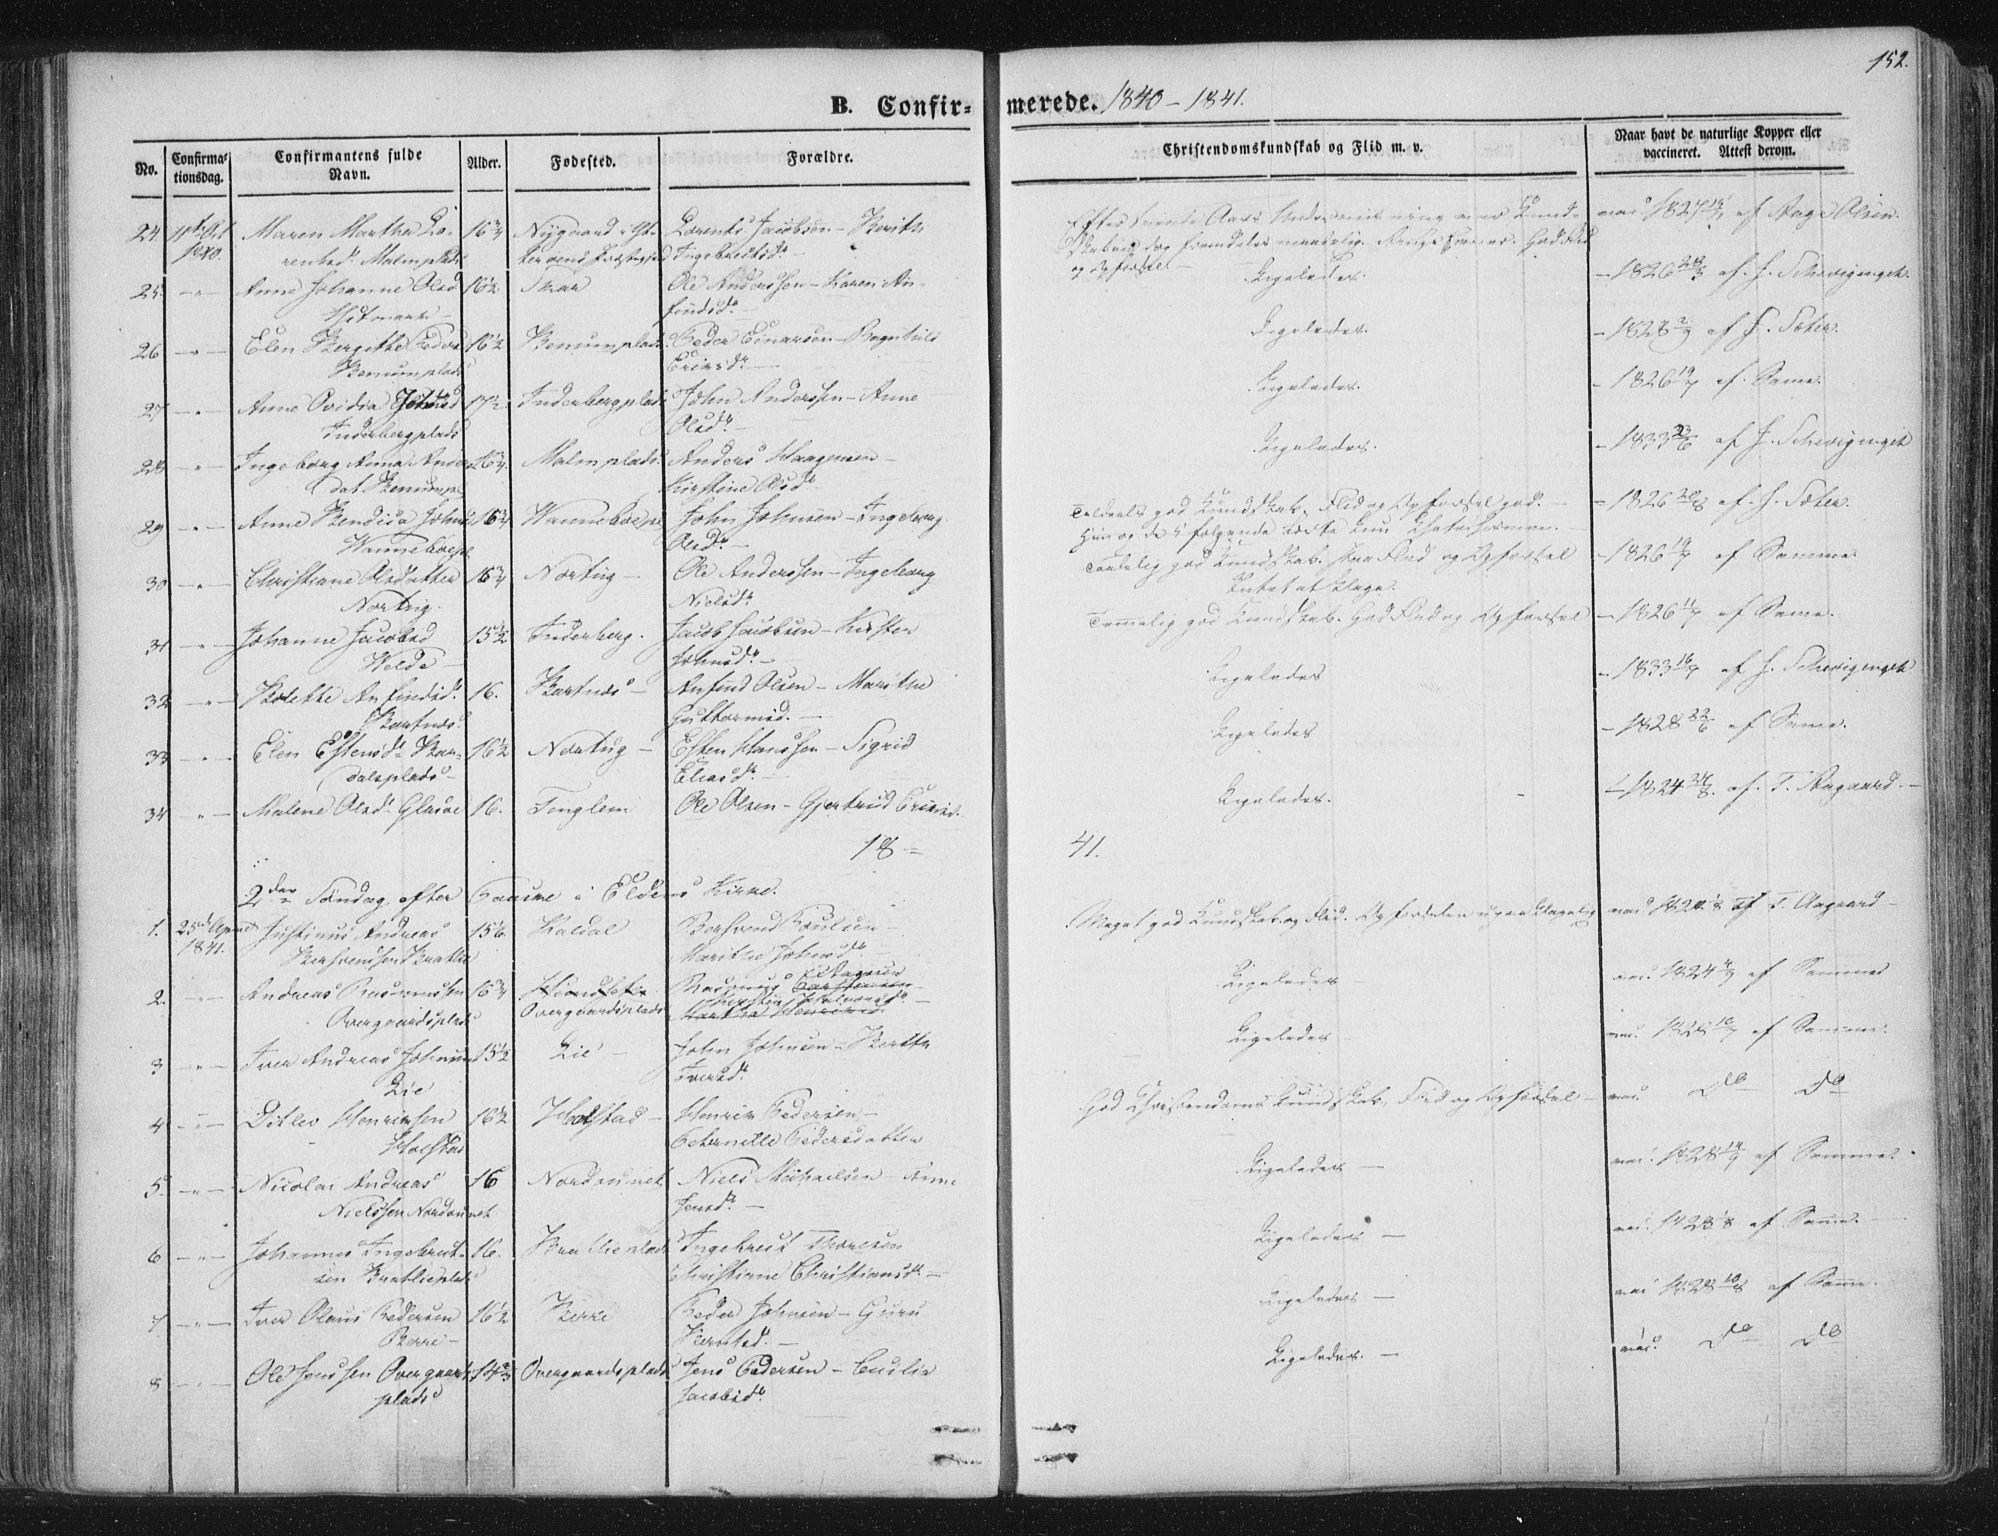 SAT, Ministerialprotokoller, klokkerbøker og fødselsregistre - Nord-Trøndelag, 741/L0392: Ministerialbok nr. 741A06, 1836-1848, s. 152